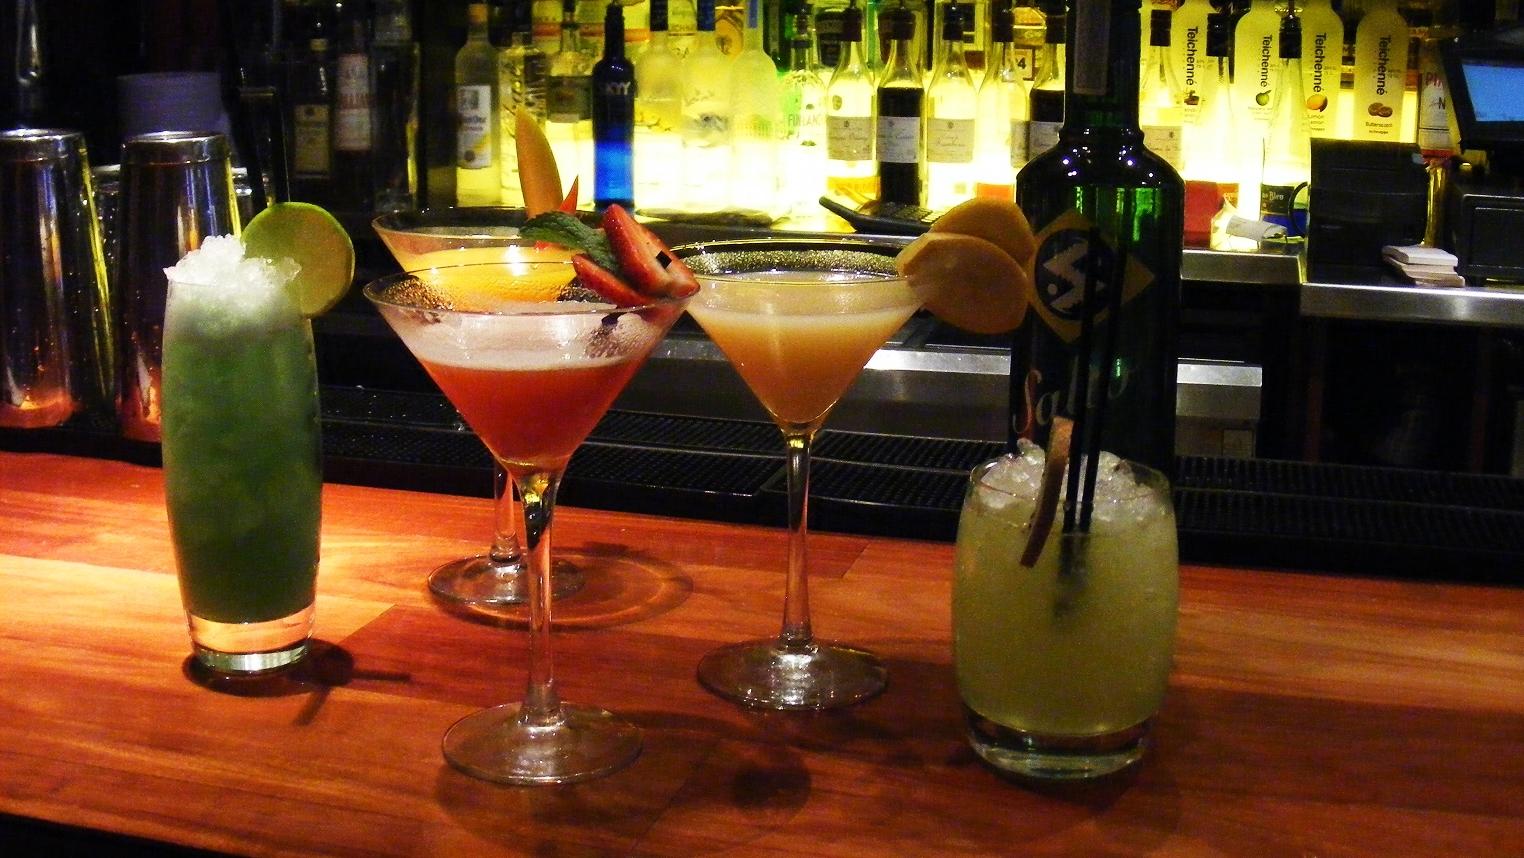 bar lavoro offerte di lavoro bar hotel ristorante irlanda lavoro all'estero